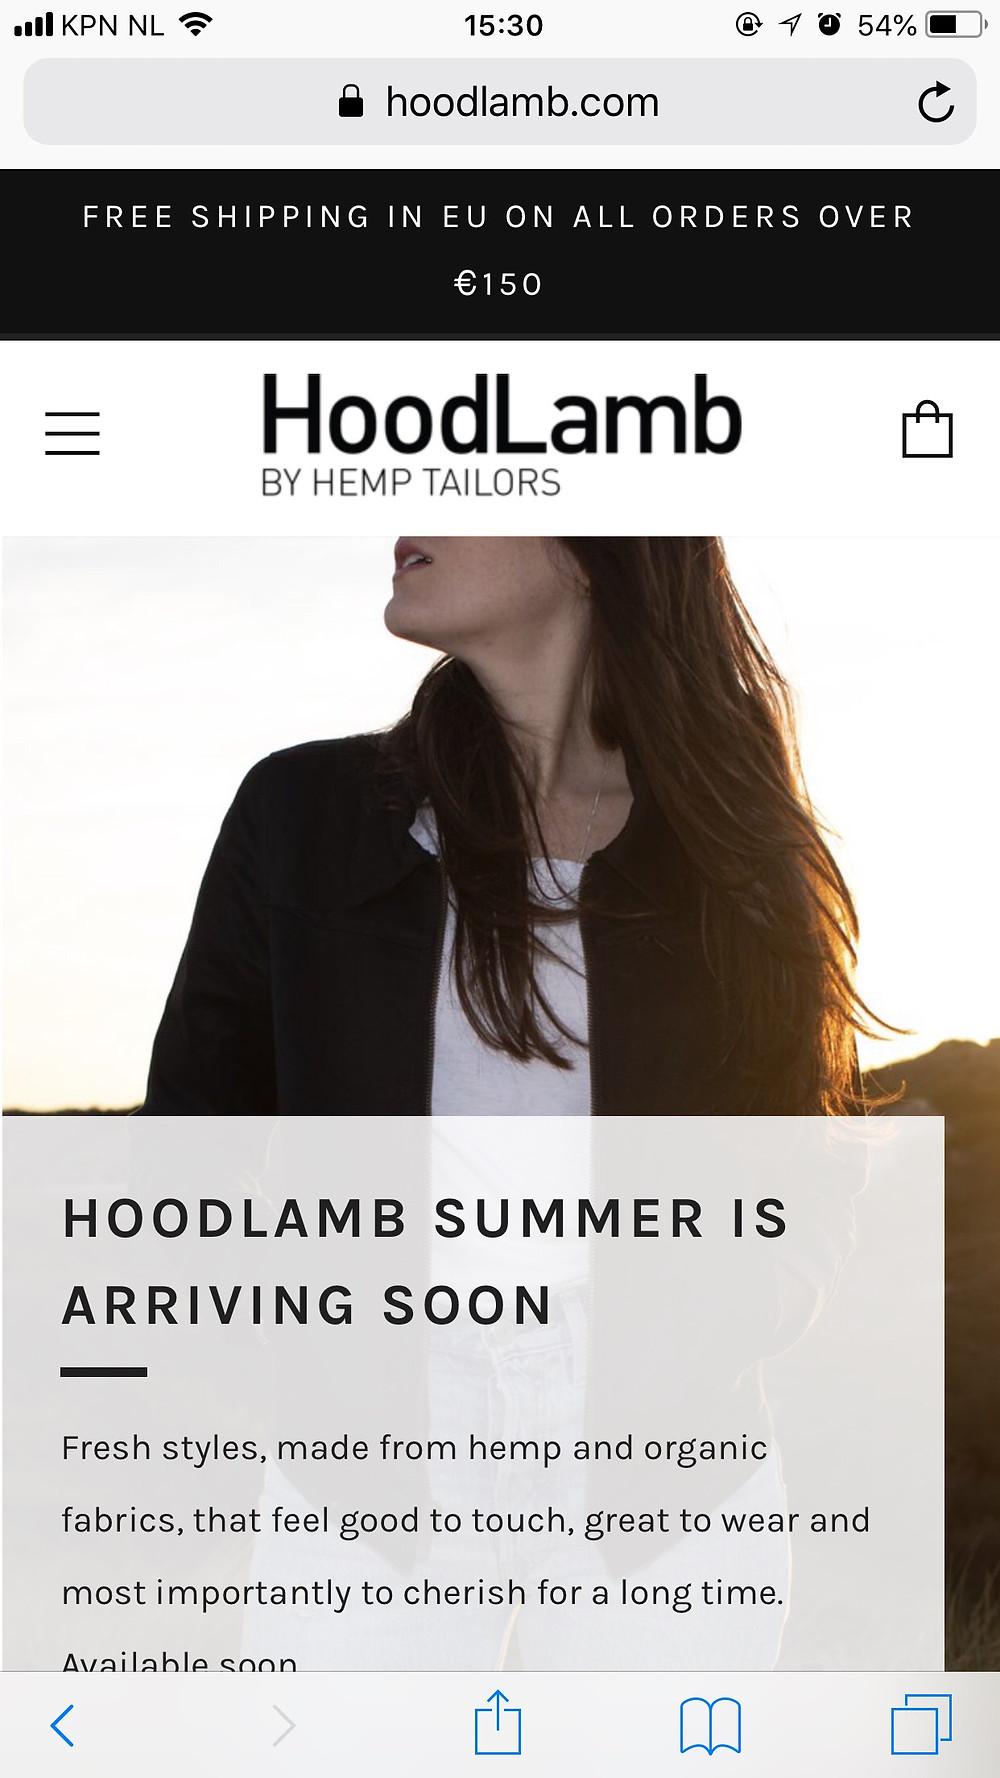 hoodlamp.com